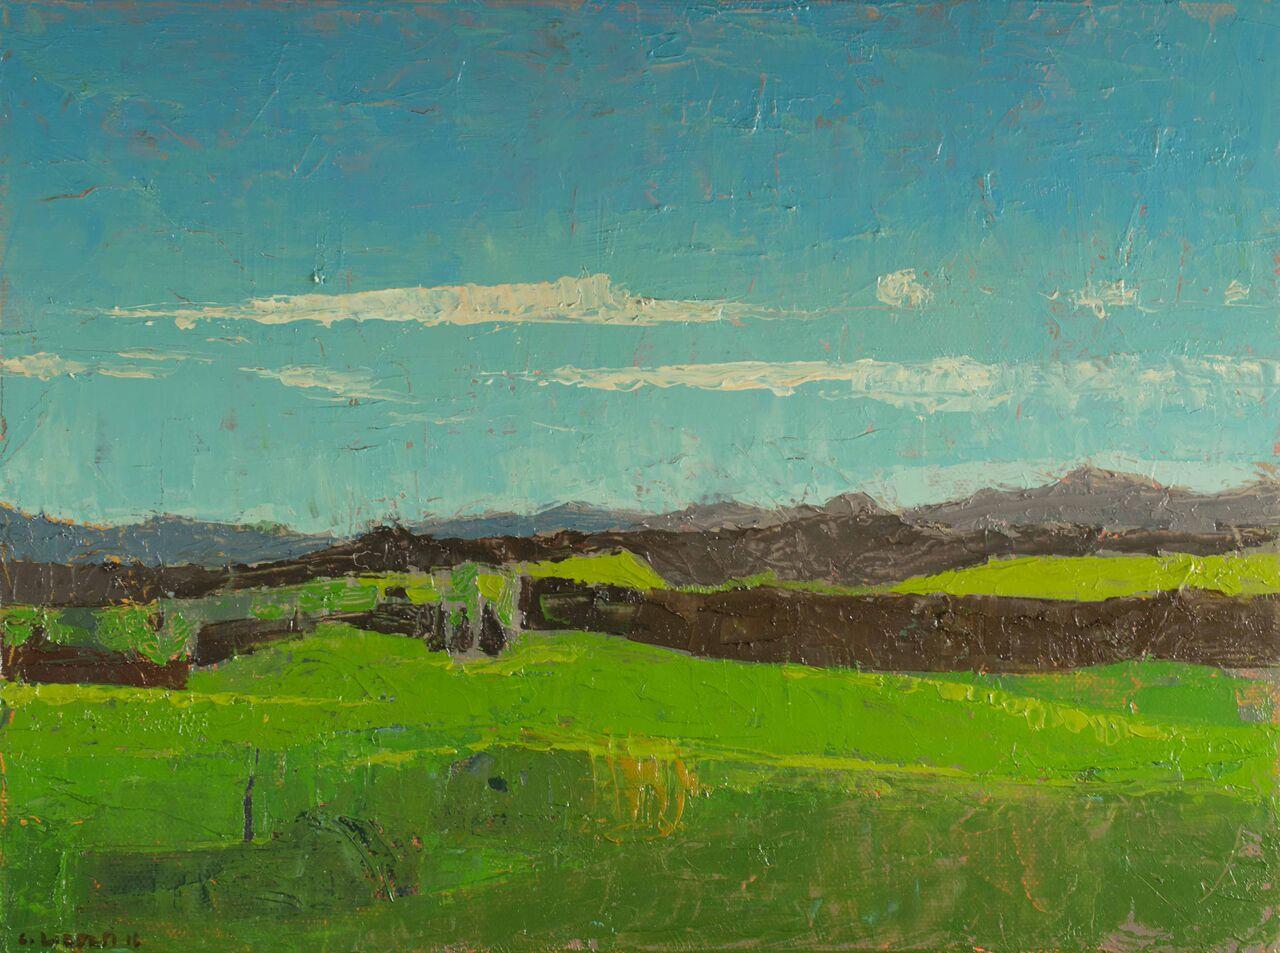 Green Field - 9 x 12